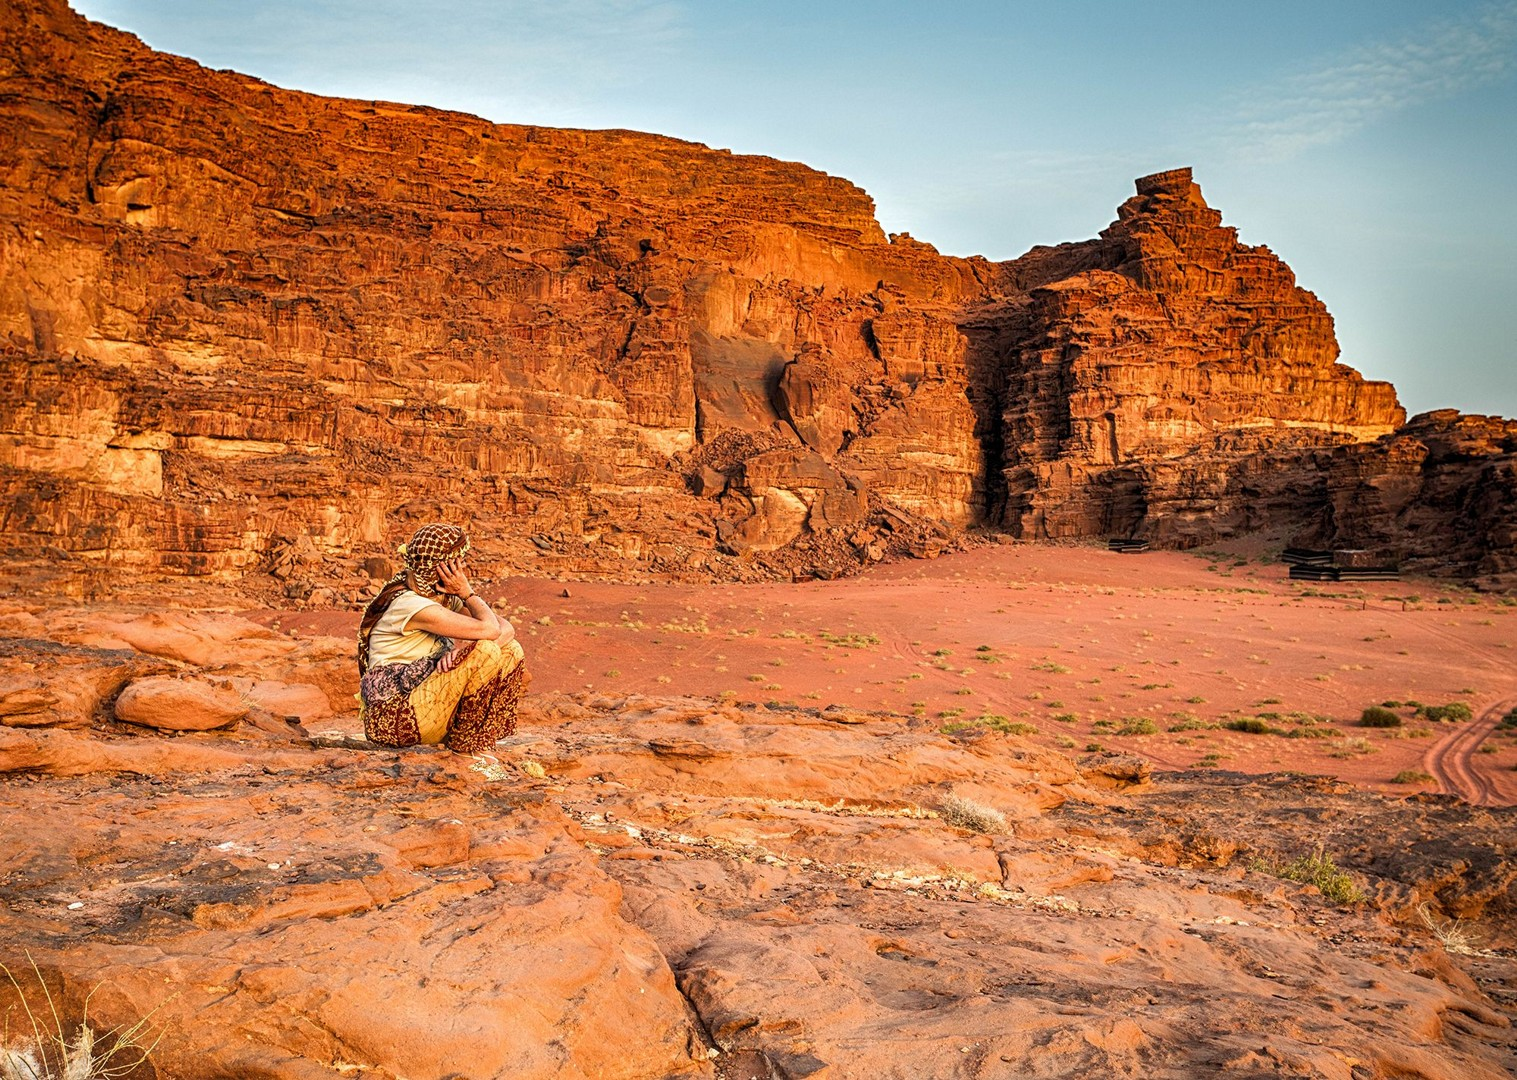 jordan-petra-holiday-guided-cycling-adventure-trip.jpg - NEW! Jordan - Petra, Wadi Rum & the Dead Sea - Cycling Adventures